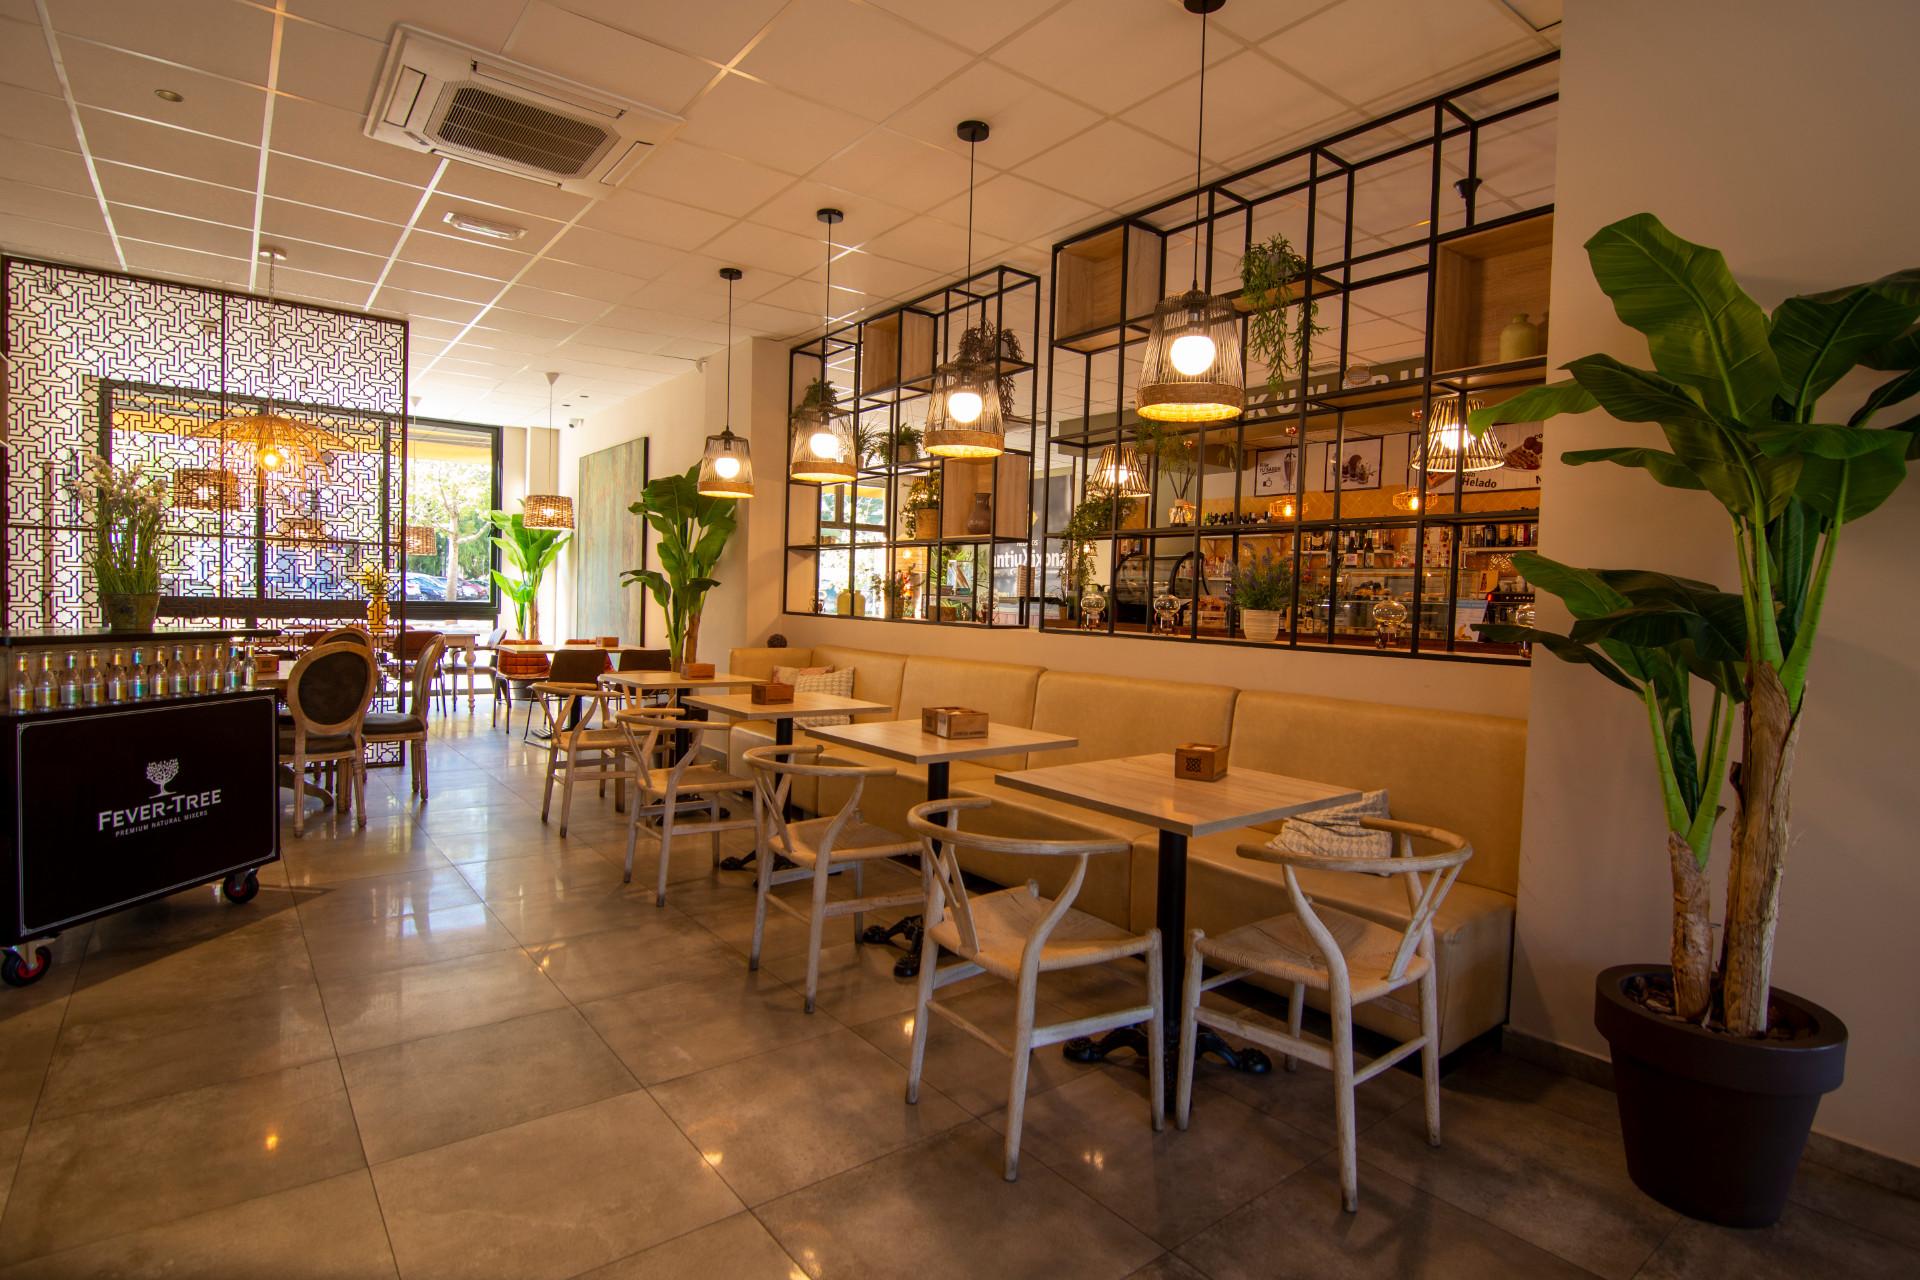 proyectos-interiorismo-interioristas-comercios-empresas-reformas-locales-comerciales-cafeterias-cafe-kumaru-3